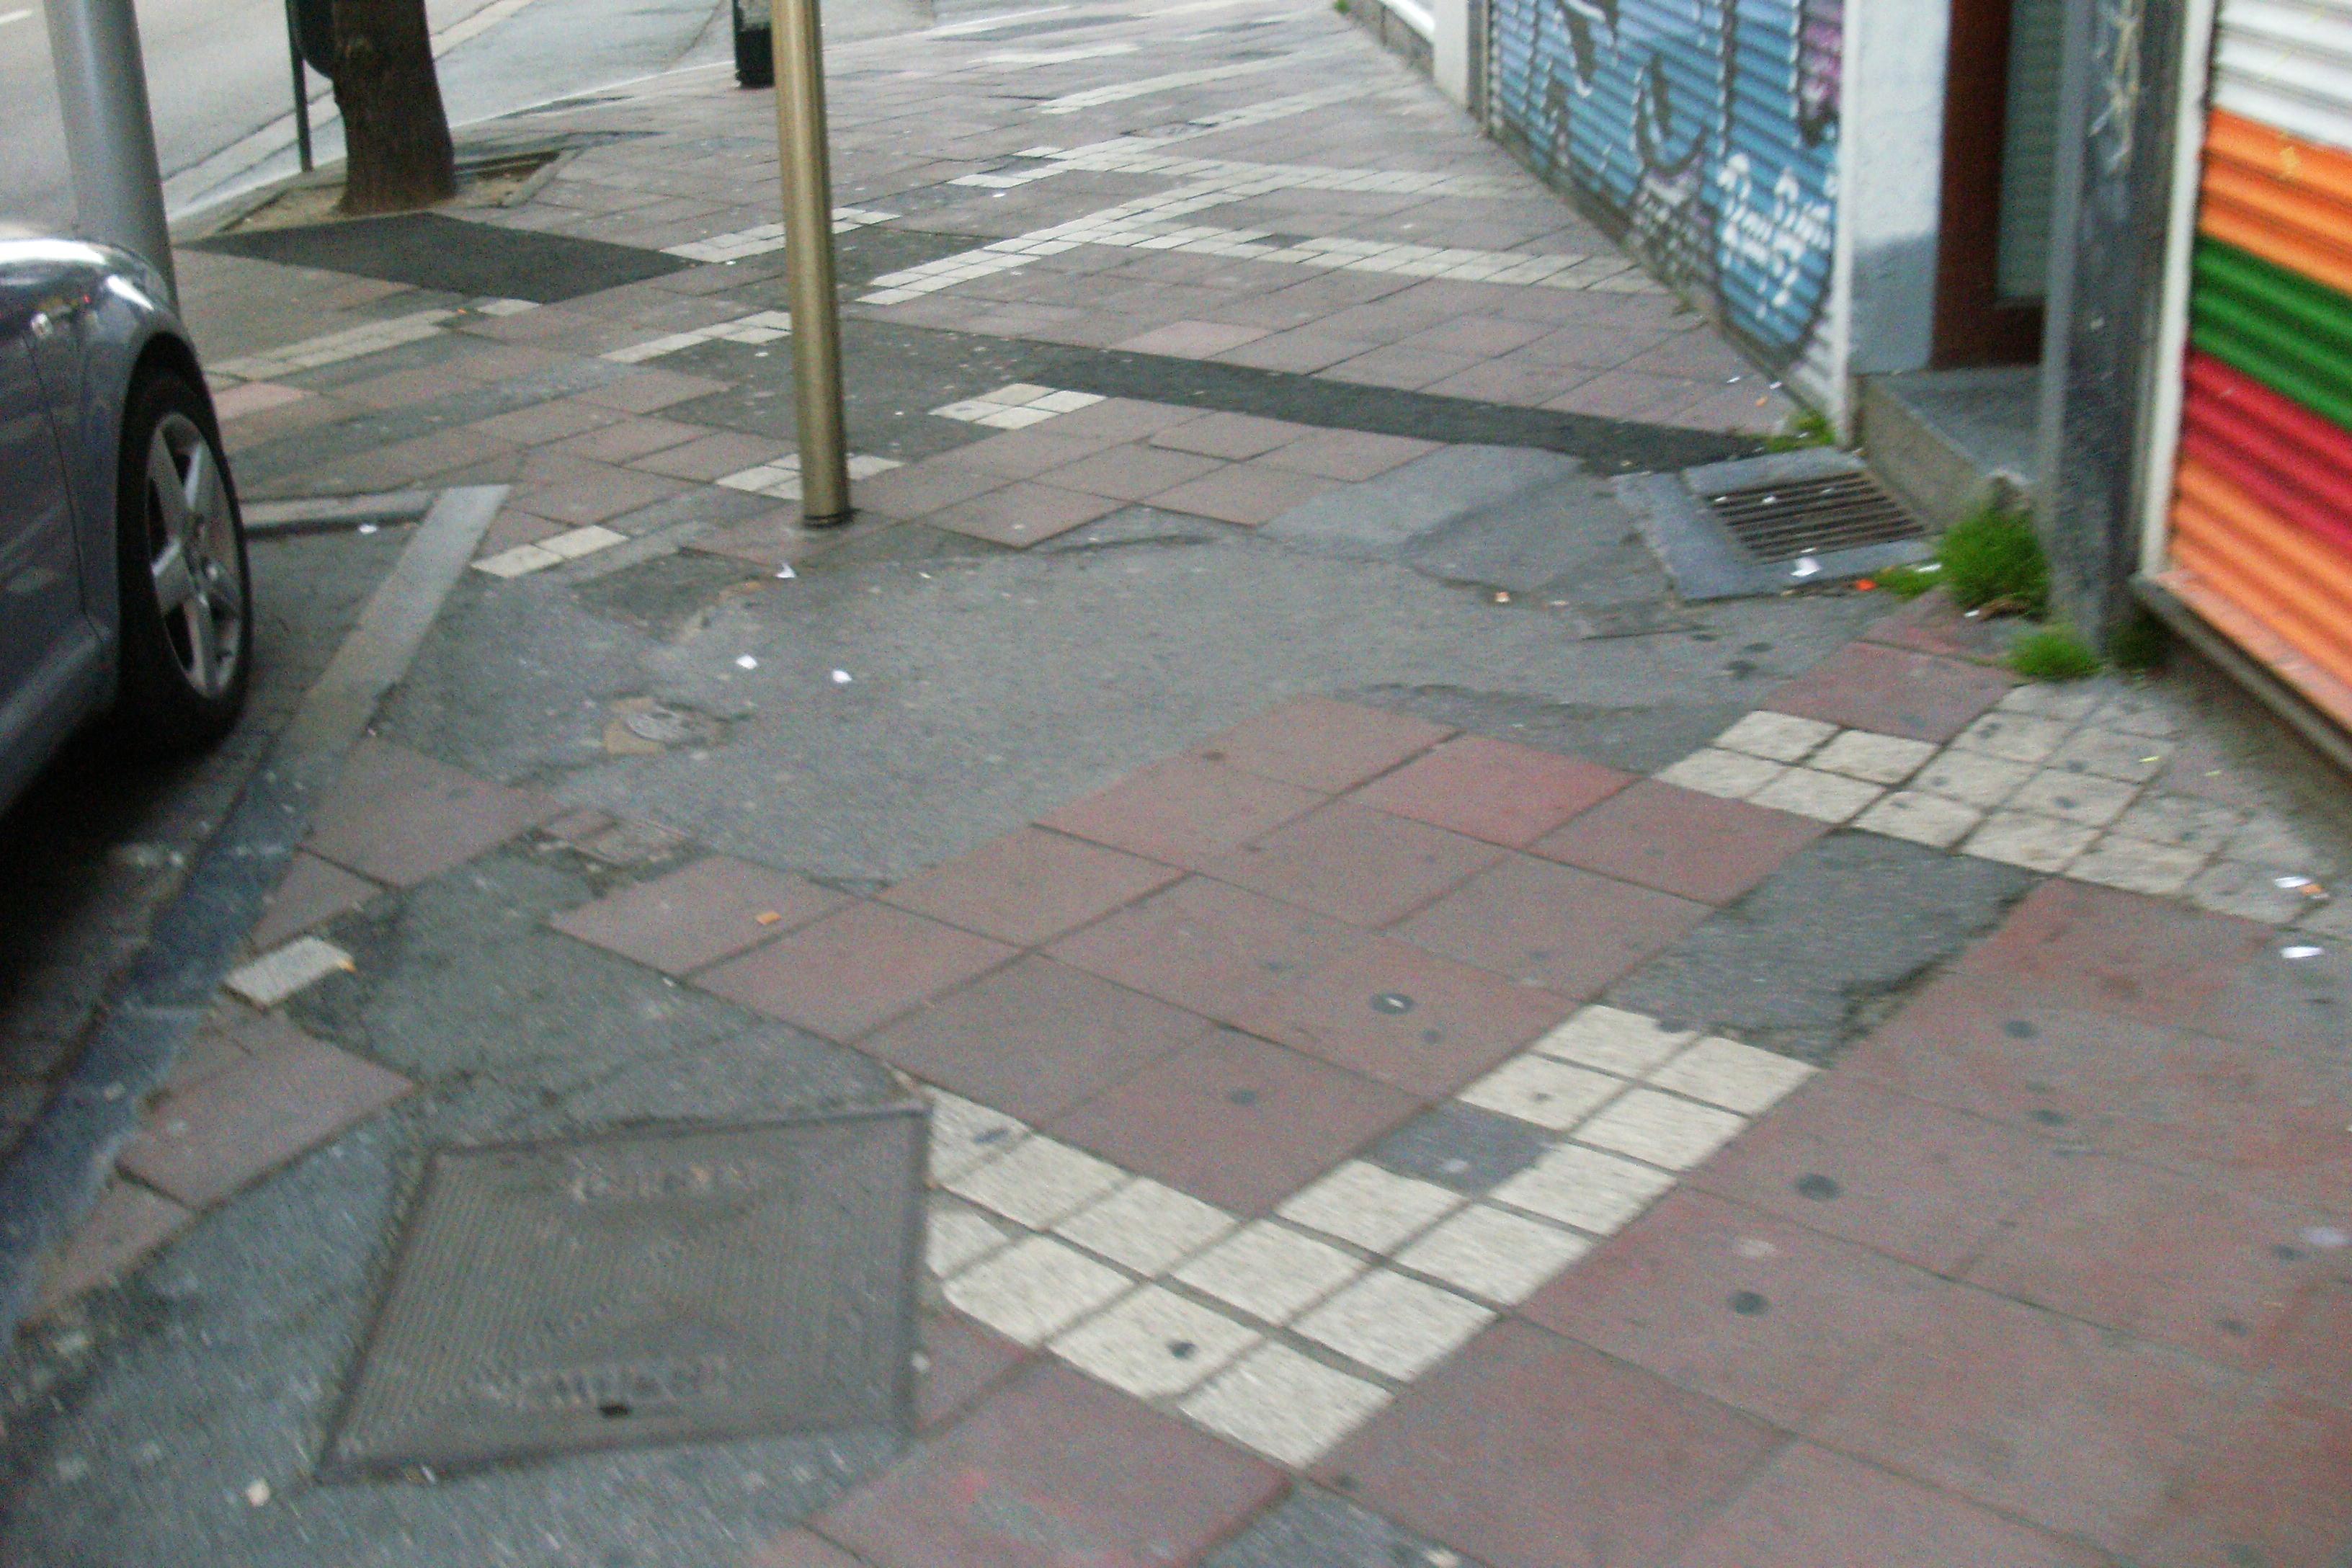 chaussee_d_ixelles_2010_056-2.jpg